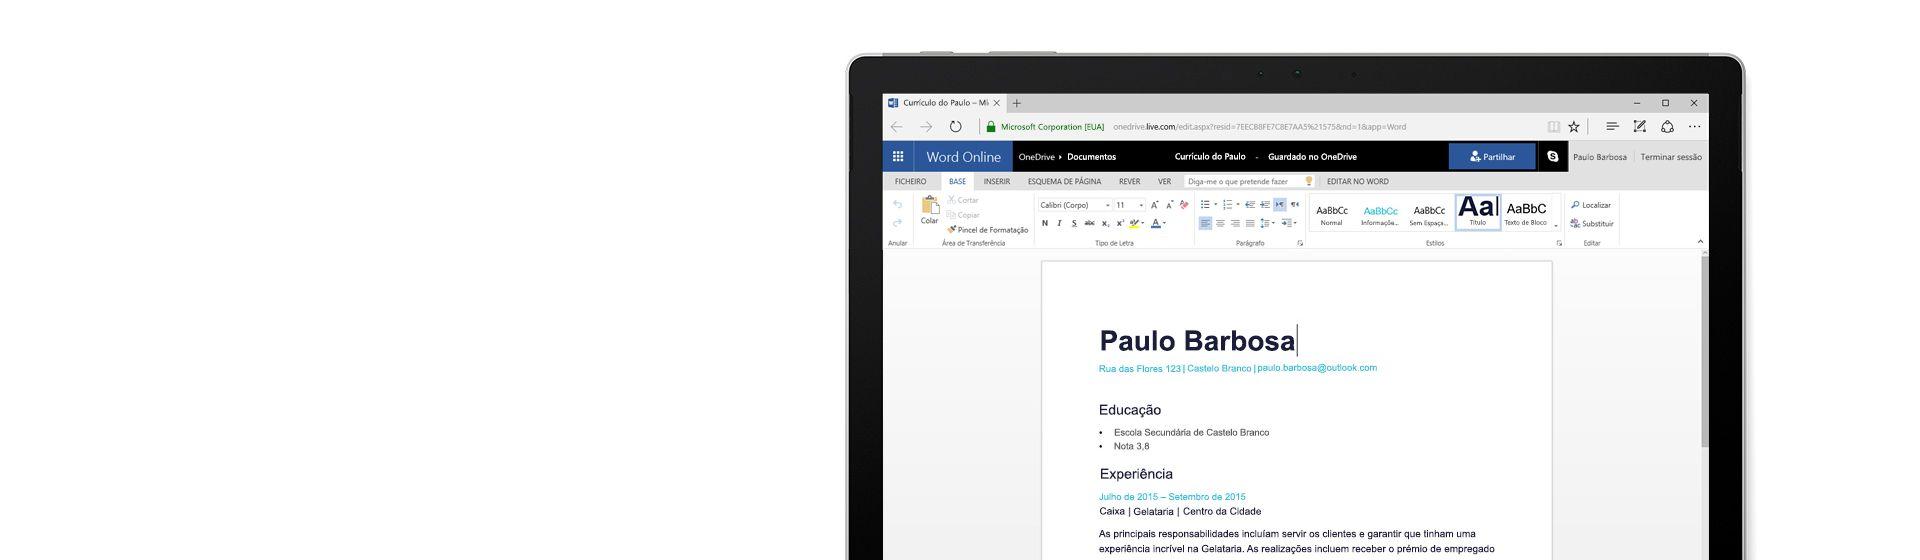 Ecrã de computador a mostrar a criação de um currículo no Word Online